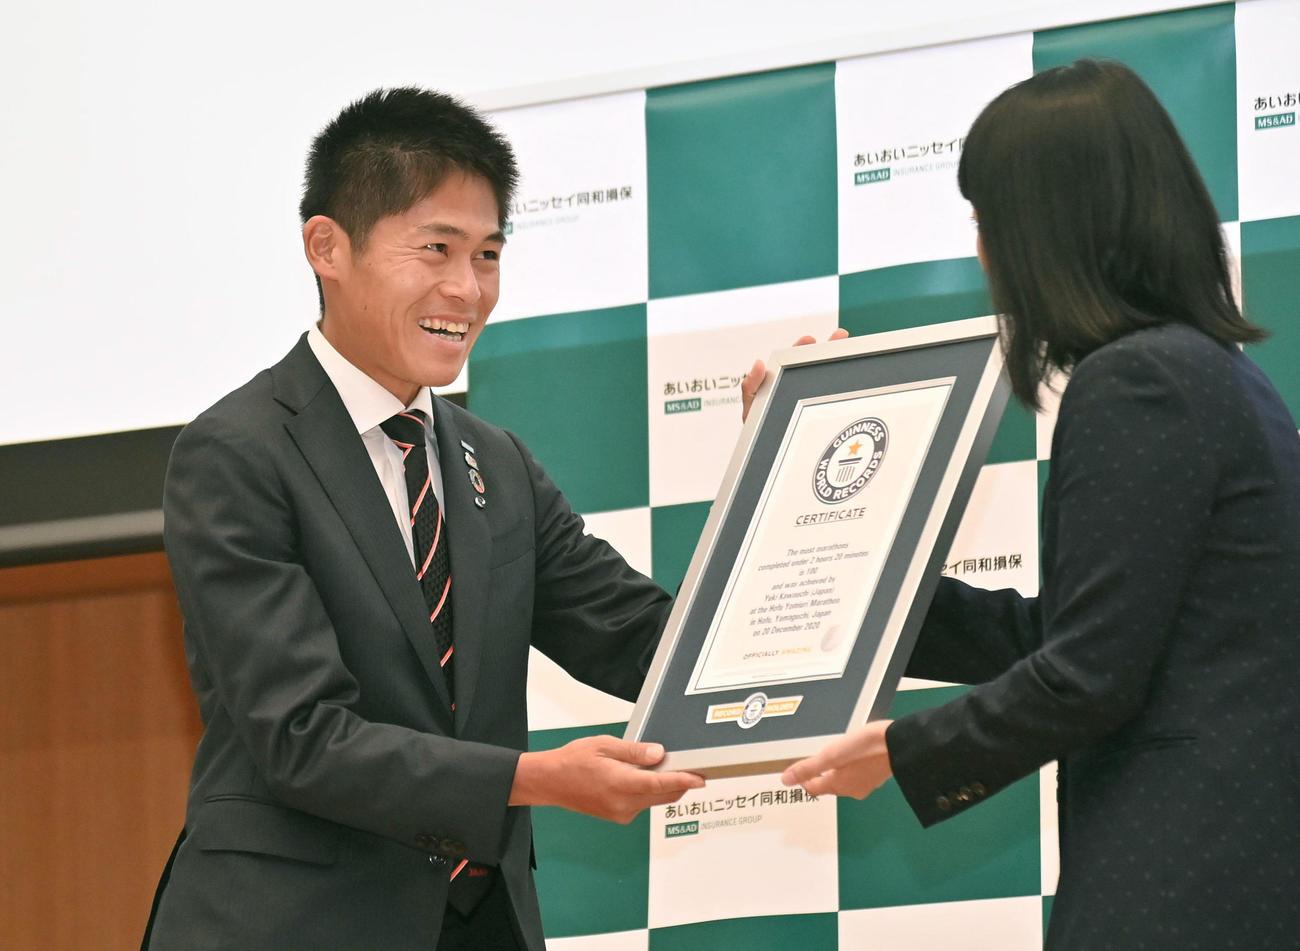 ギネス認定証を受け取る川内優輝(左)(代表撮影)